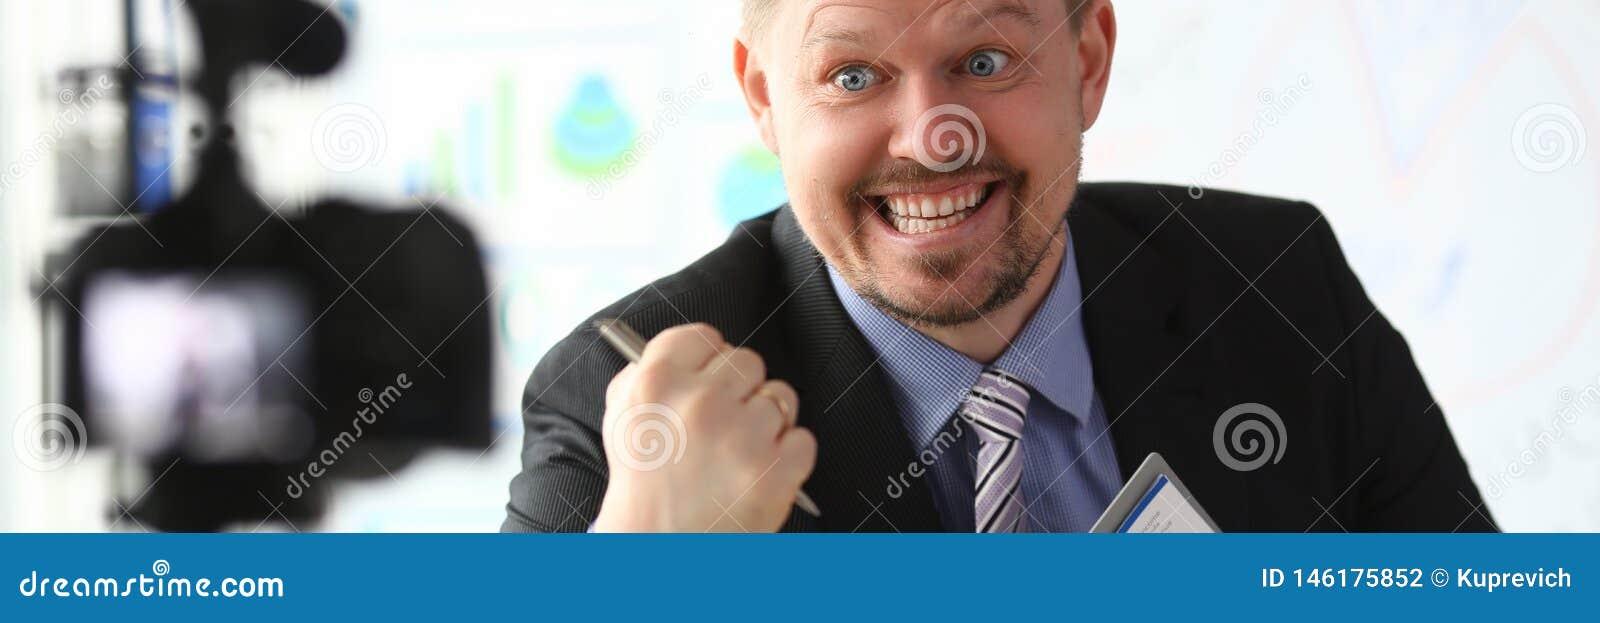 Кресло блоггера бизнесмена онлайн кричащее